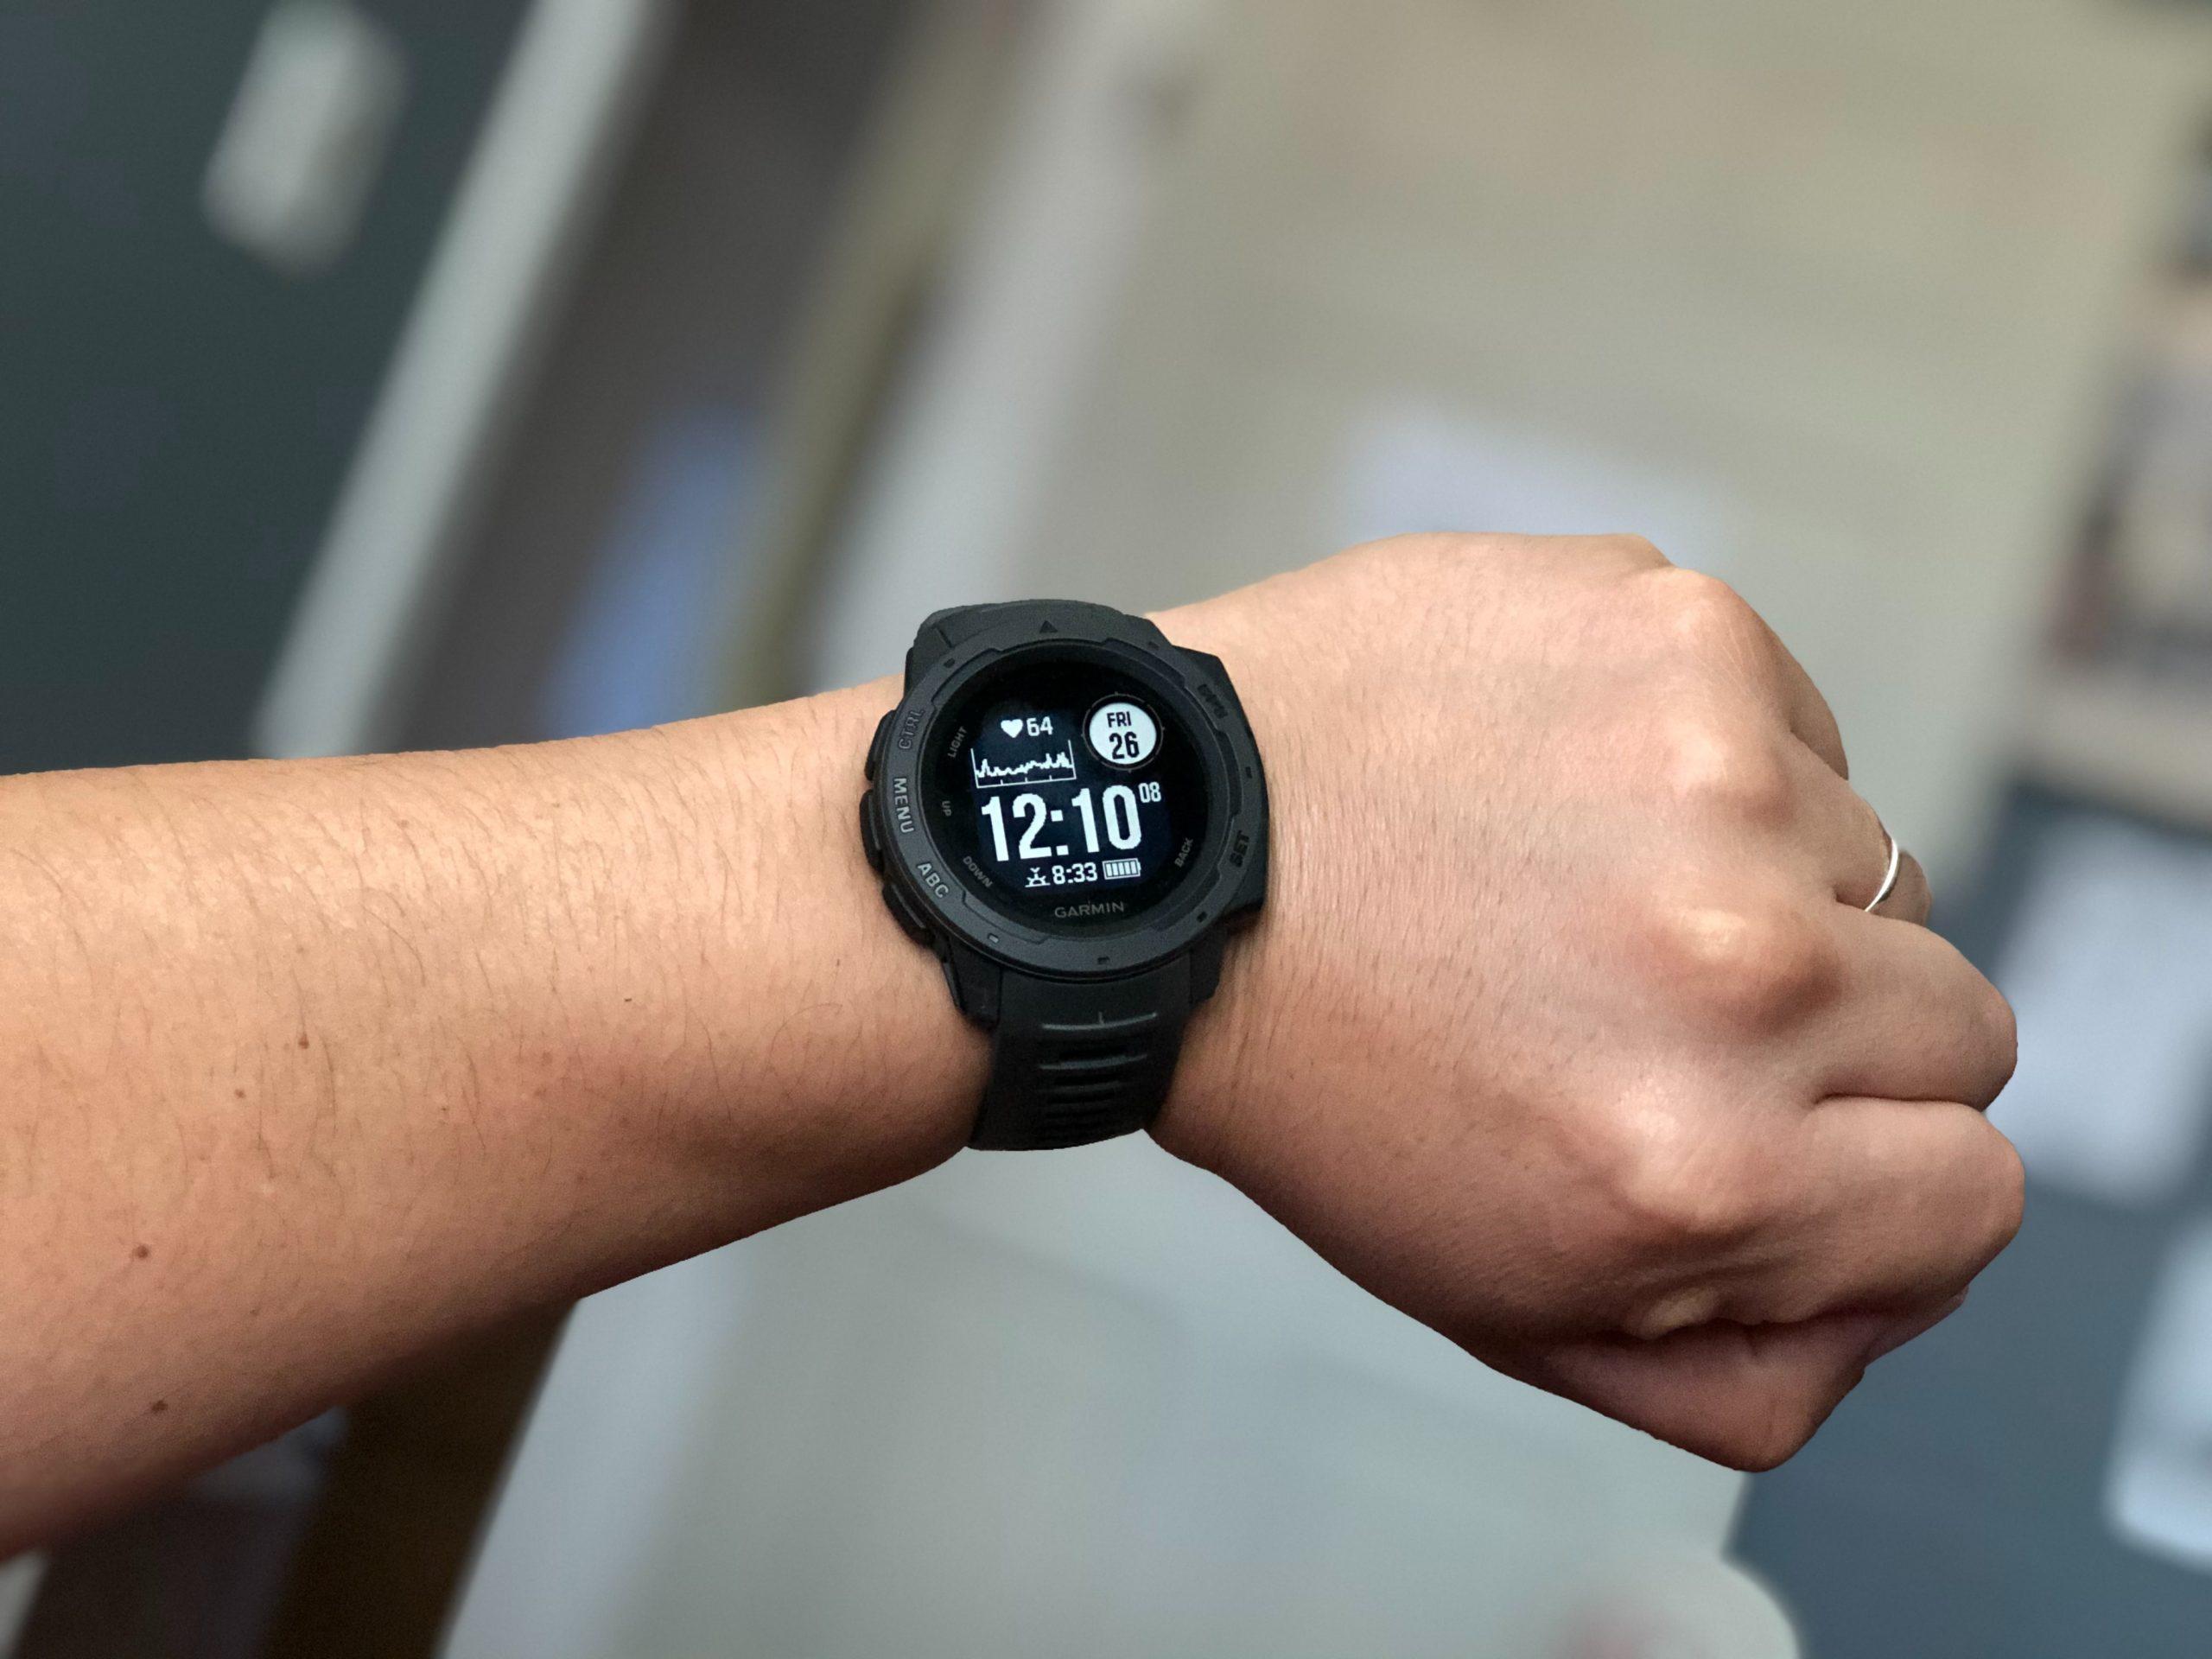 Garmin Smart Watches